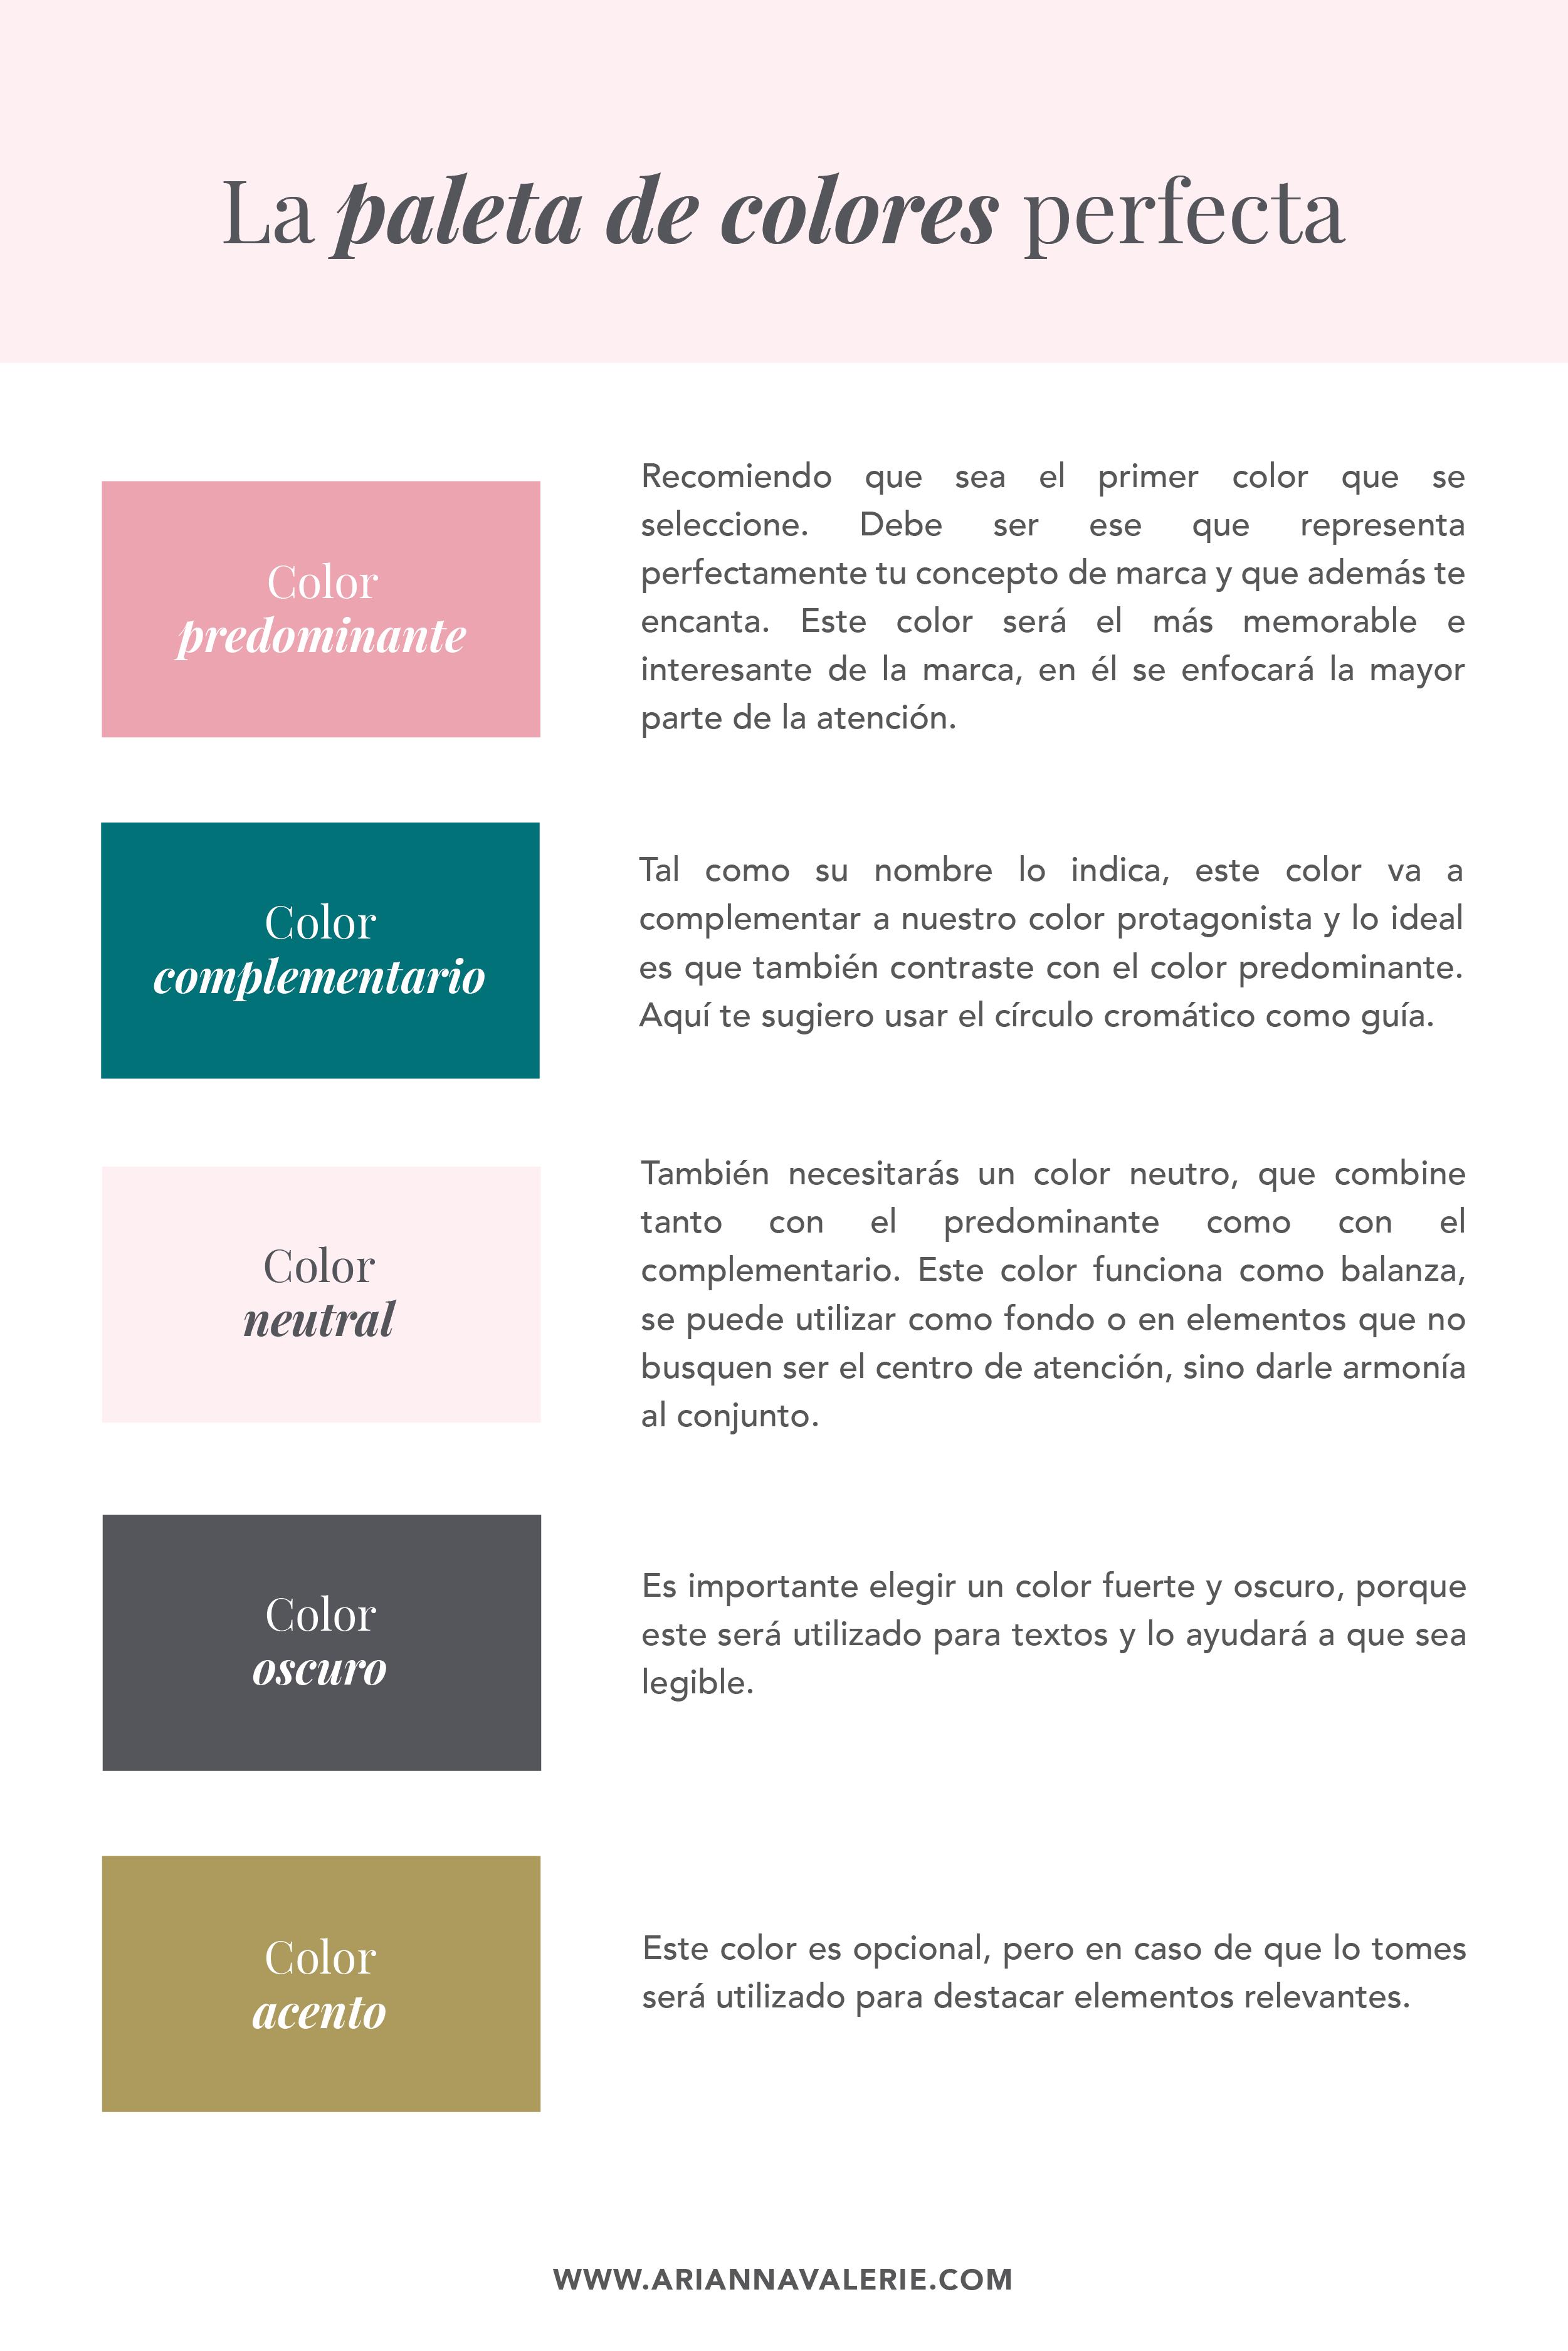 Cómo Elegir Una Paleta De Colores Para Tu Marca Paleta De Colores Diseño De Identidad De Marca Paletas De Colores